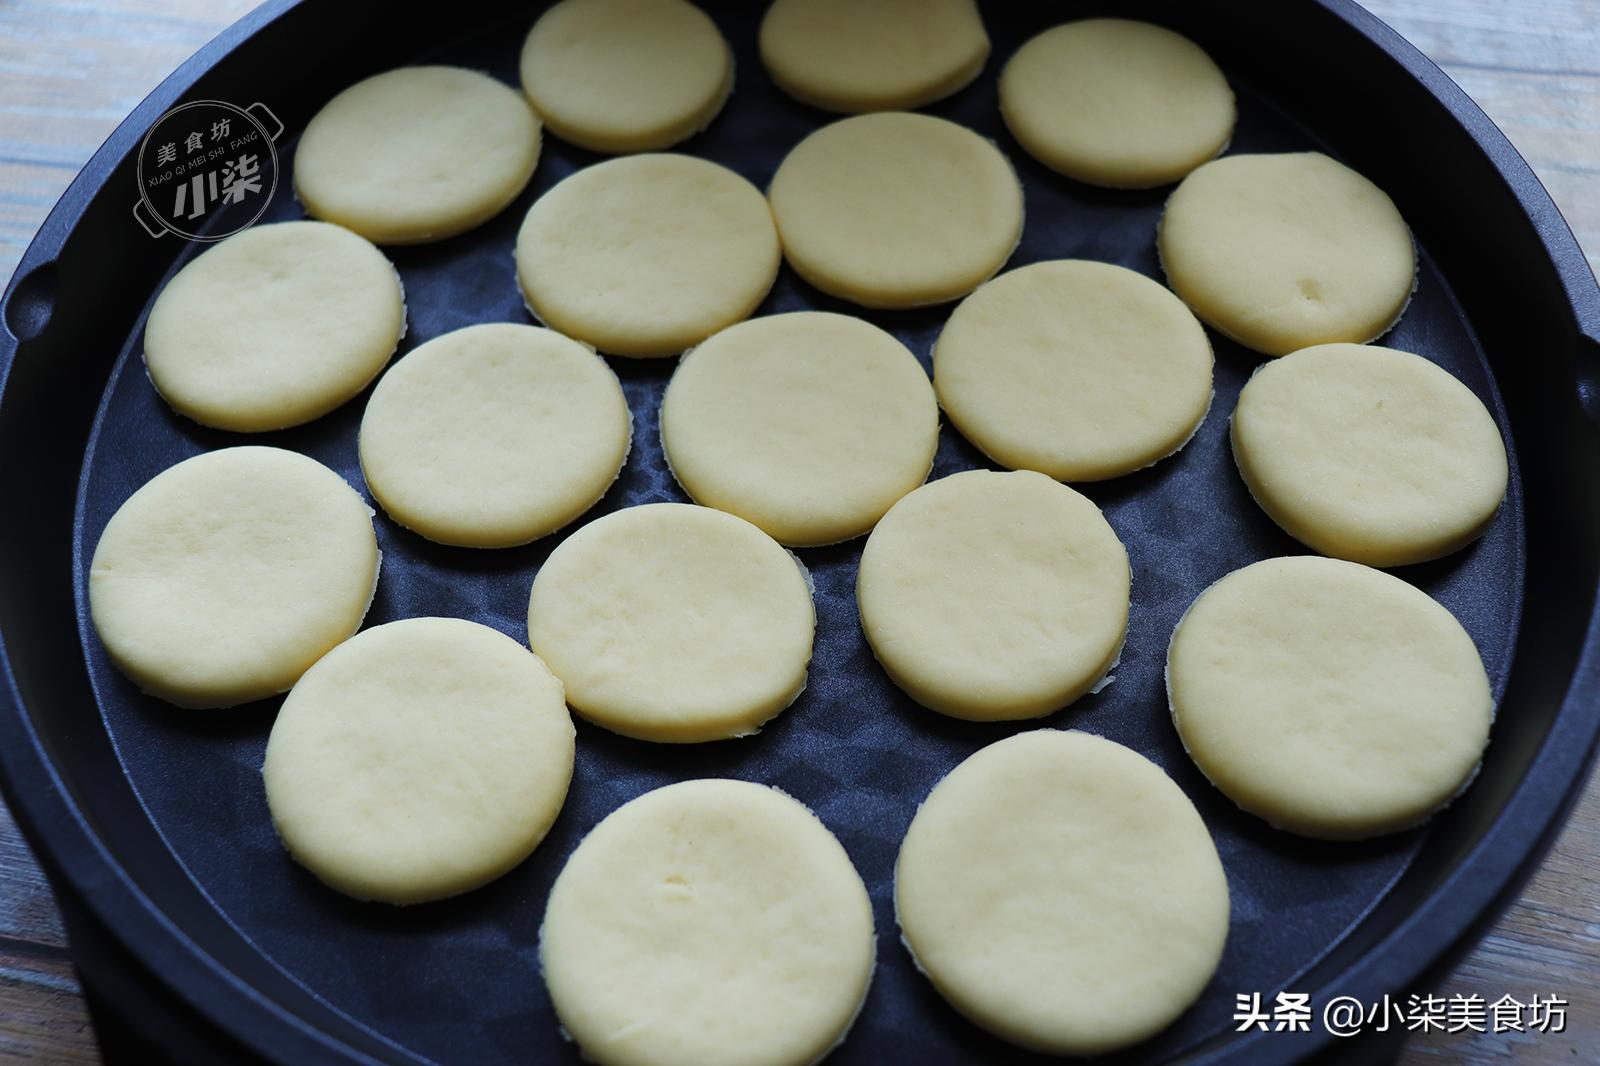 牛奶小餅這種做法火了,不加水不加油,好吃營養易消化,太香了